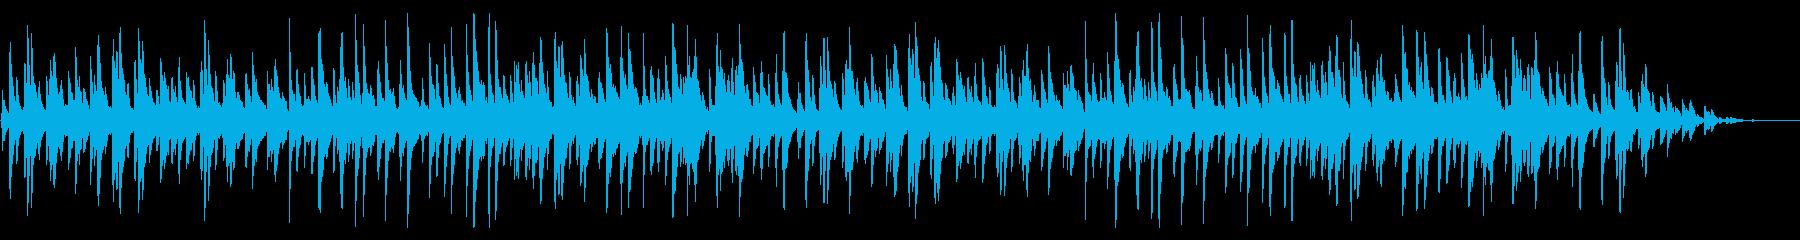 童謡「浜辺の歌」琴のシンプルなアレンジの再生済みの波形